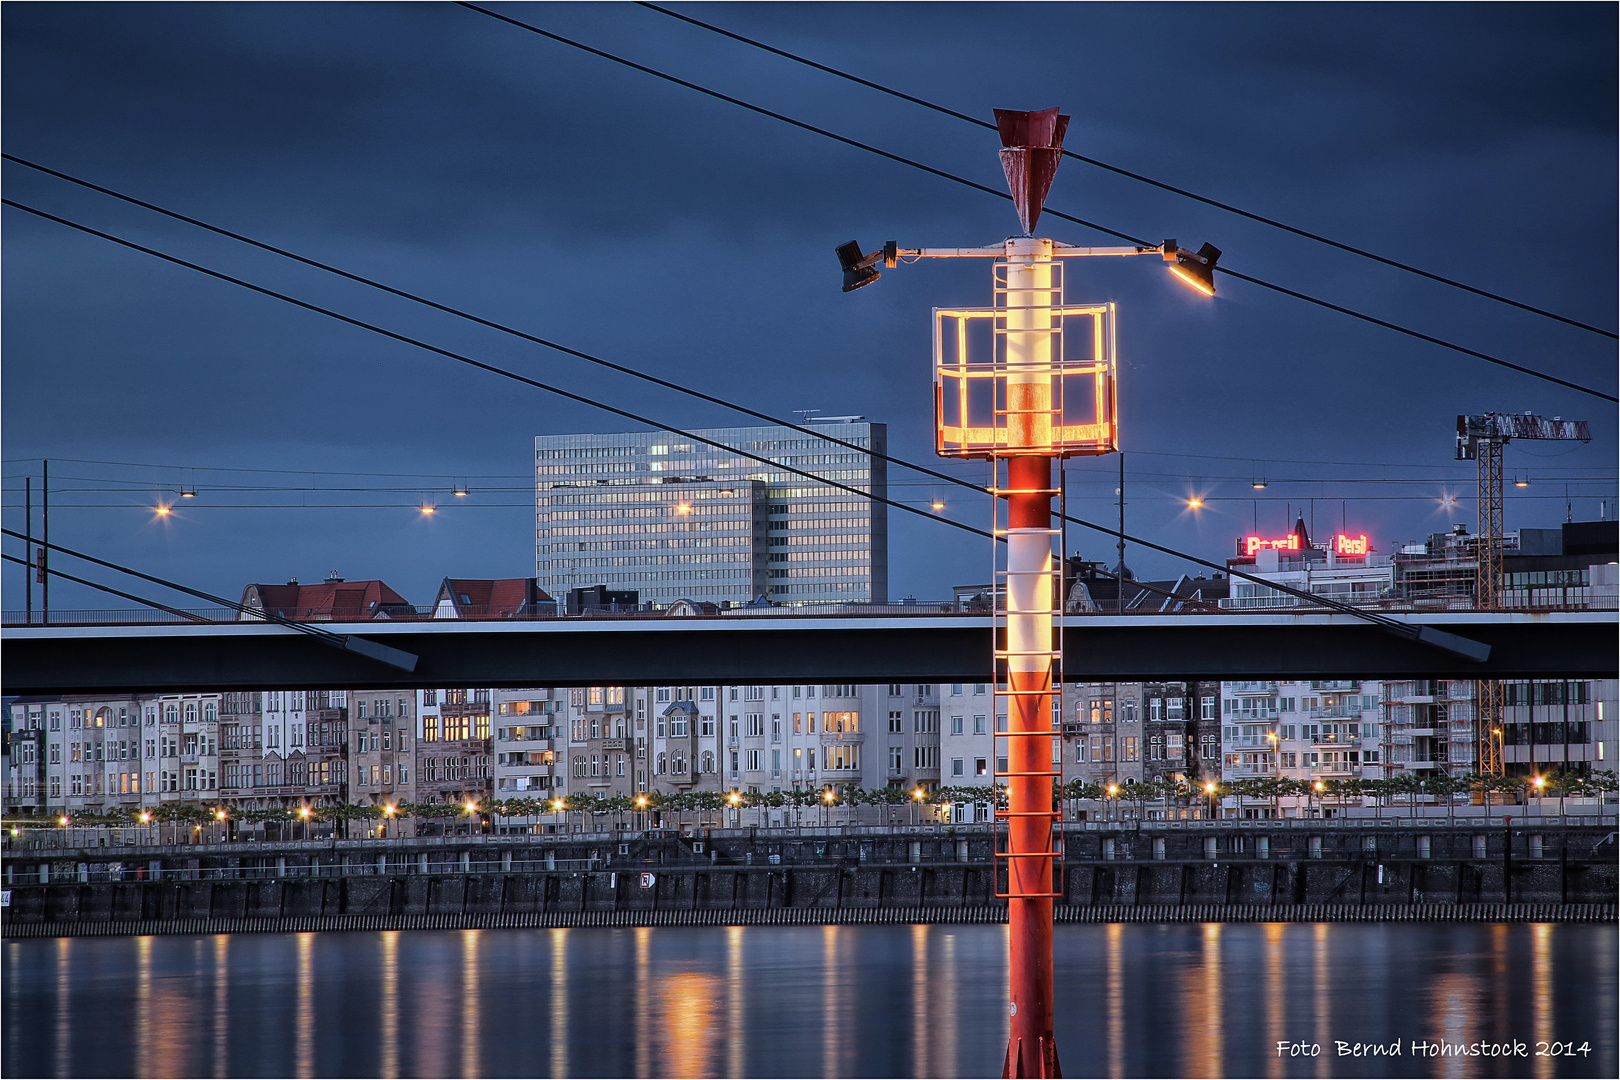 Lichter weisen den Weg ... in Düsseldorf